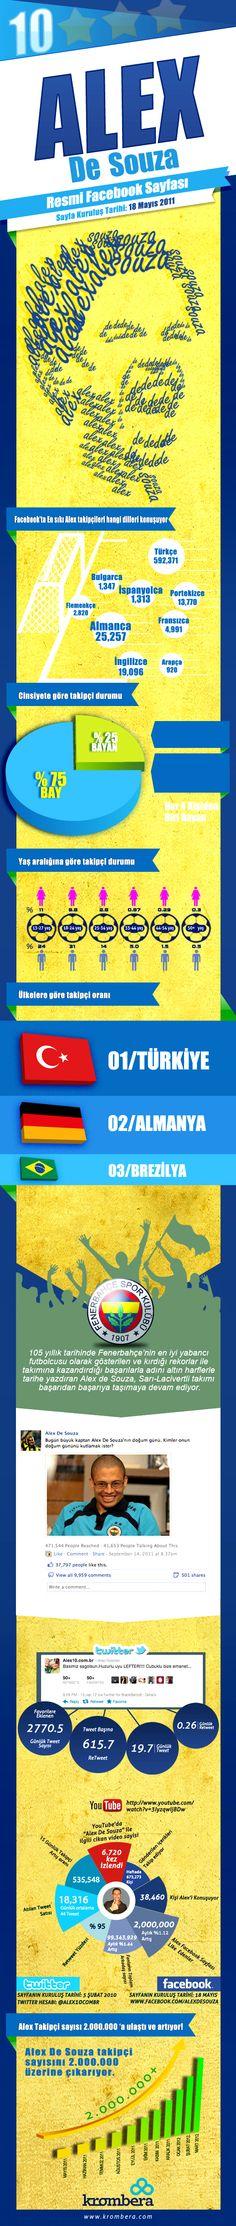 Alex De Souza Official Facebook Page Infographic by Caner Erdogan, via Behance